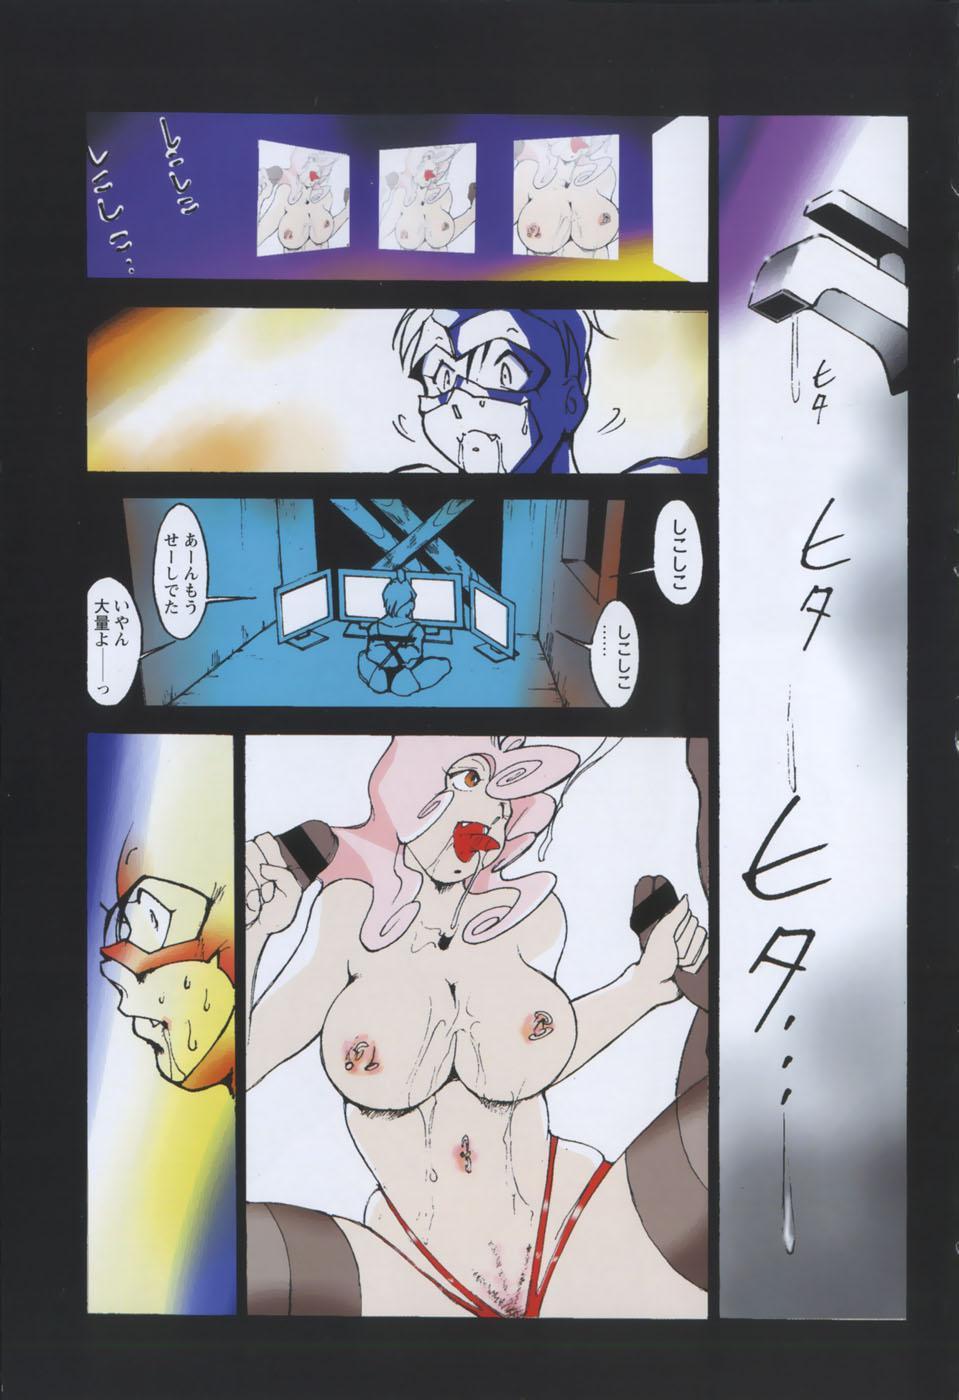 Rape 94